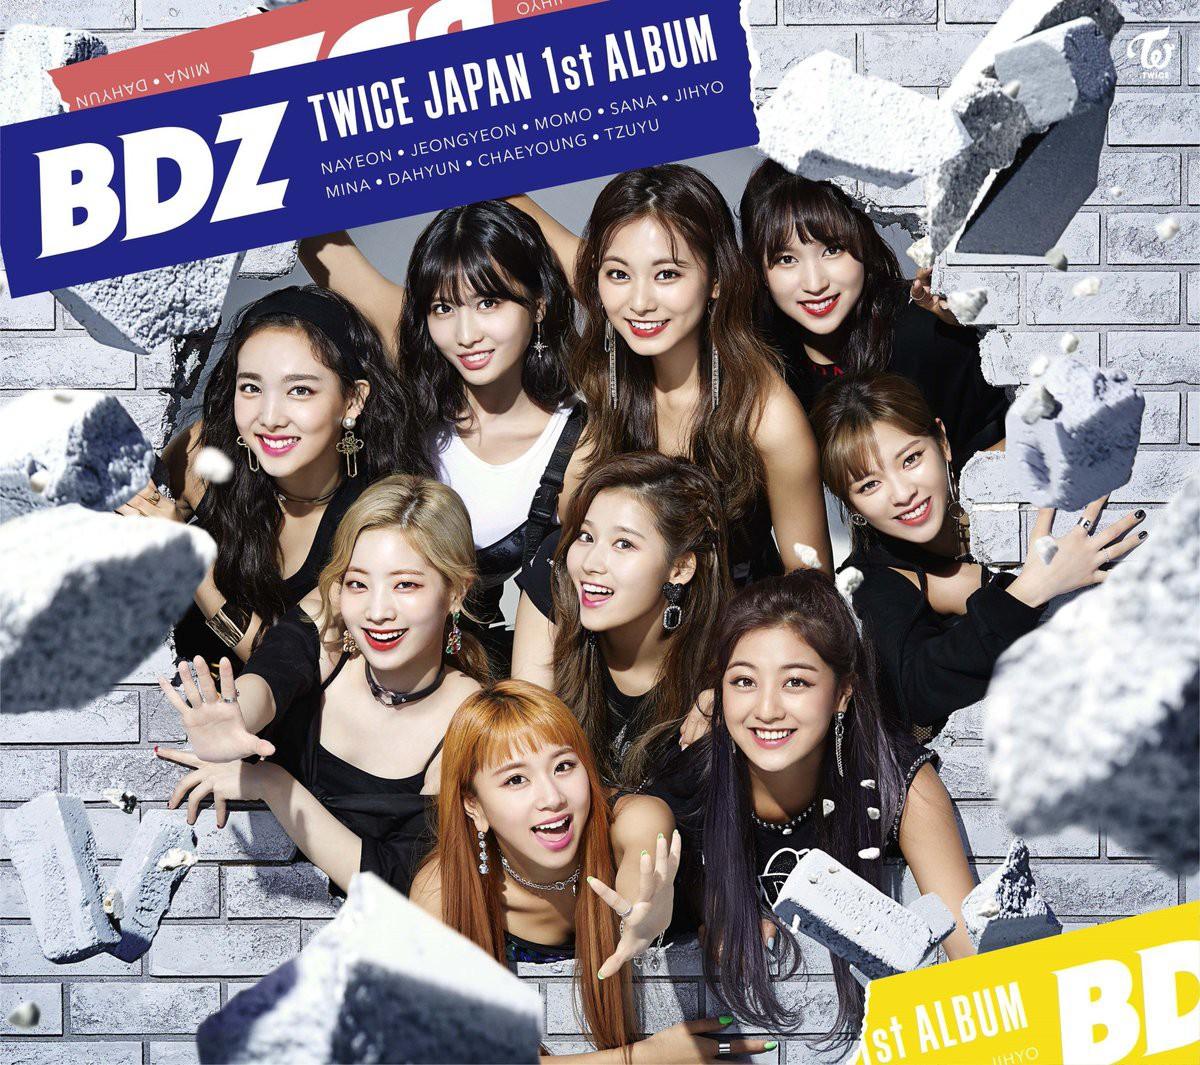 Im ắng tại quê nhà nhưng TWICE là nhóm nữ duy nhất làm được điều này trong vòng 6 năm trở lại đây tại Nhật - Hình 1